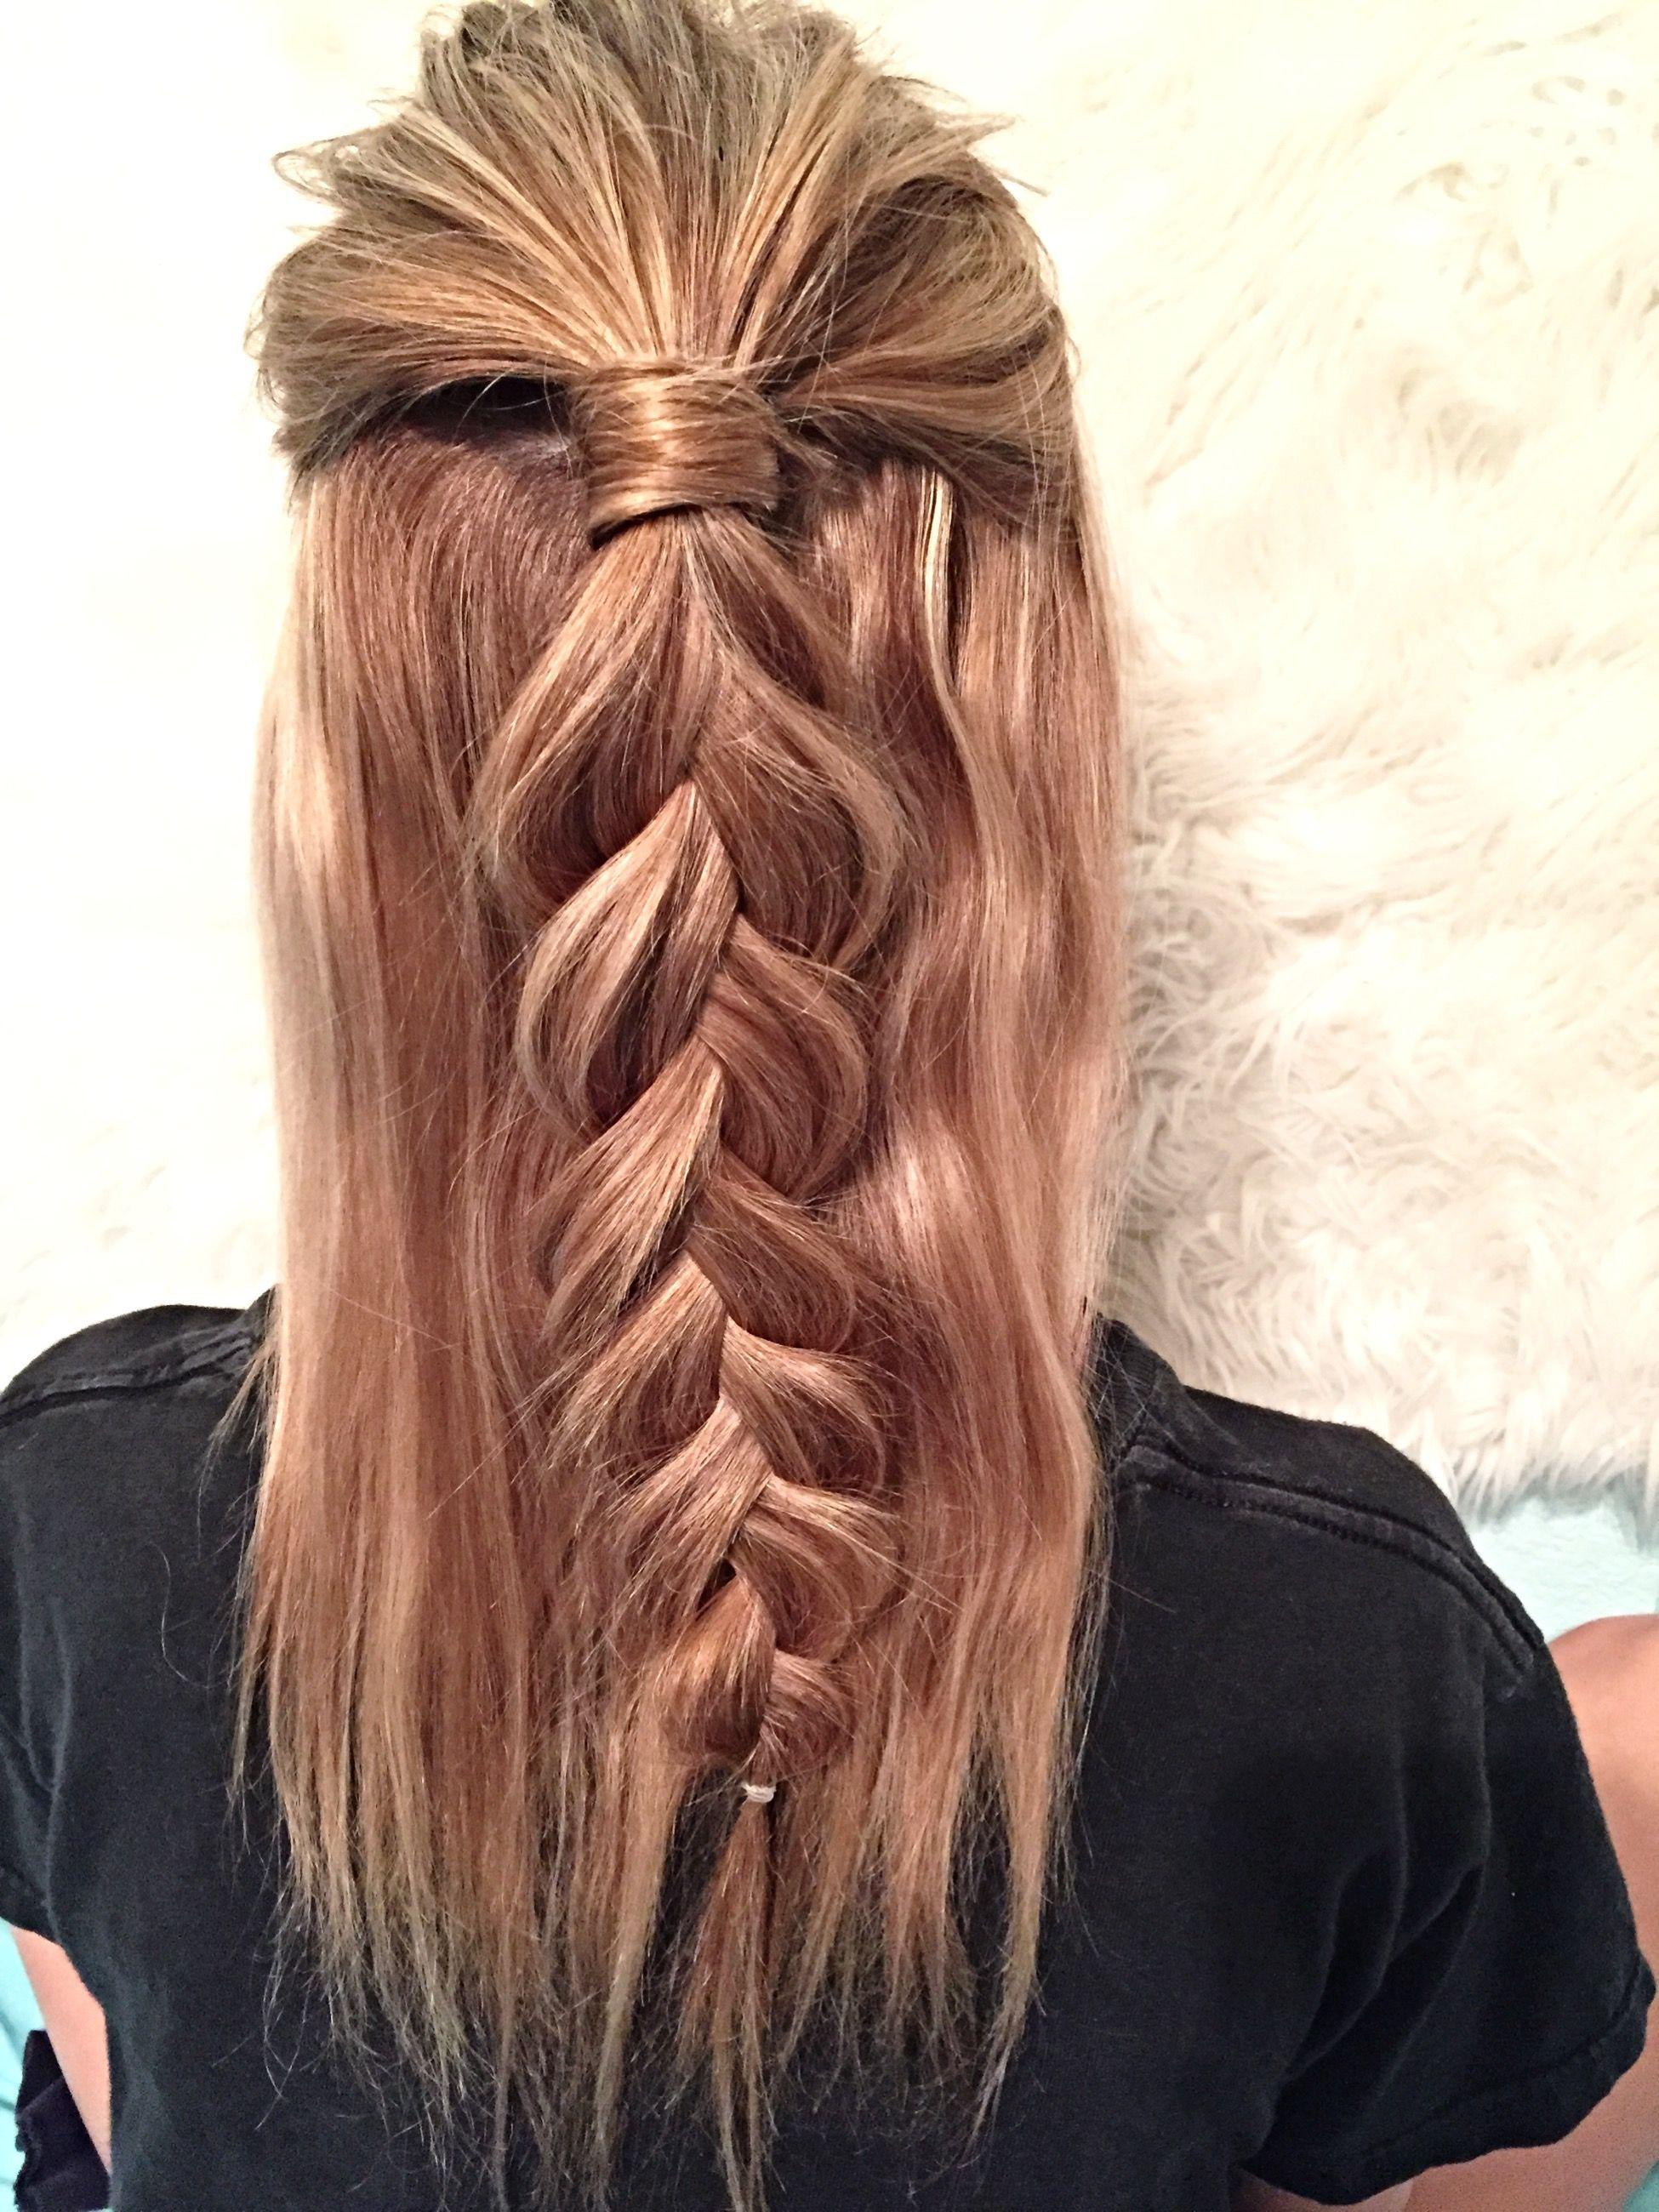 Half up hairstyle Dutch braid Instagram hailey_hagler